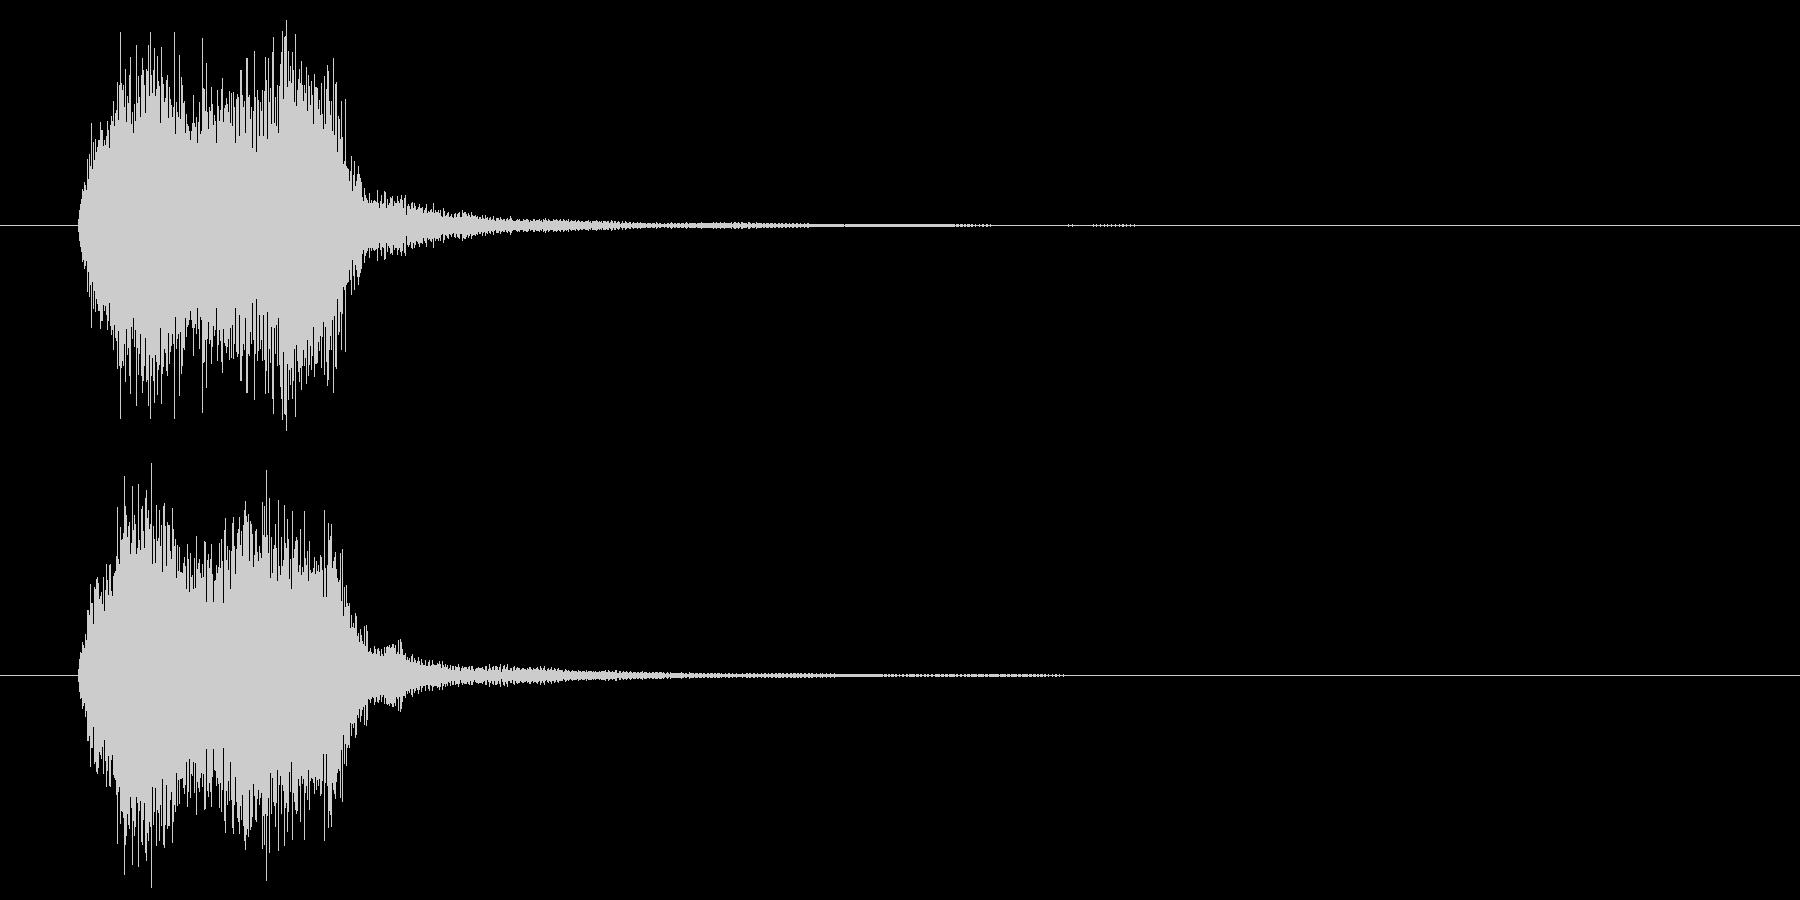 「パパーン!」短く派手なファンファーレの未再生の波形